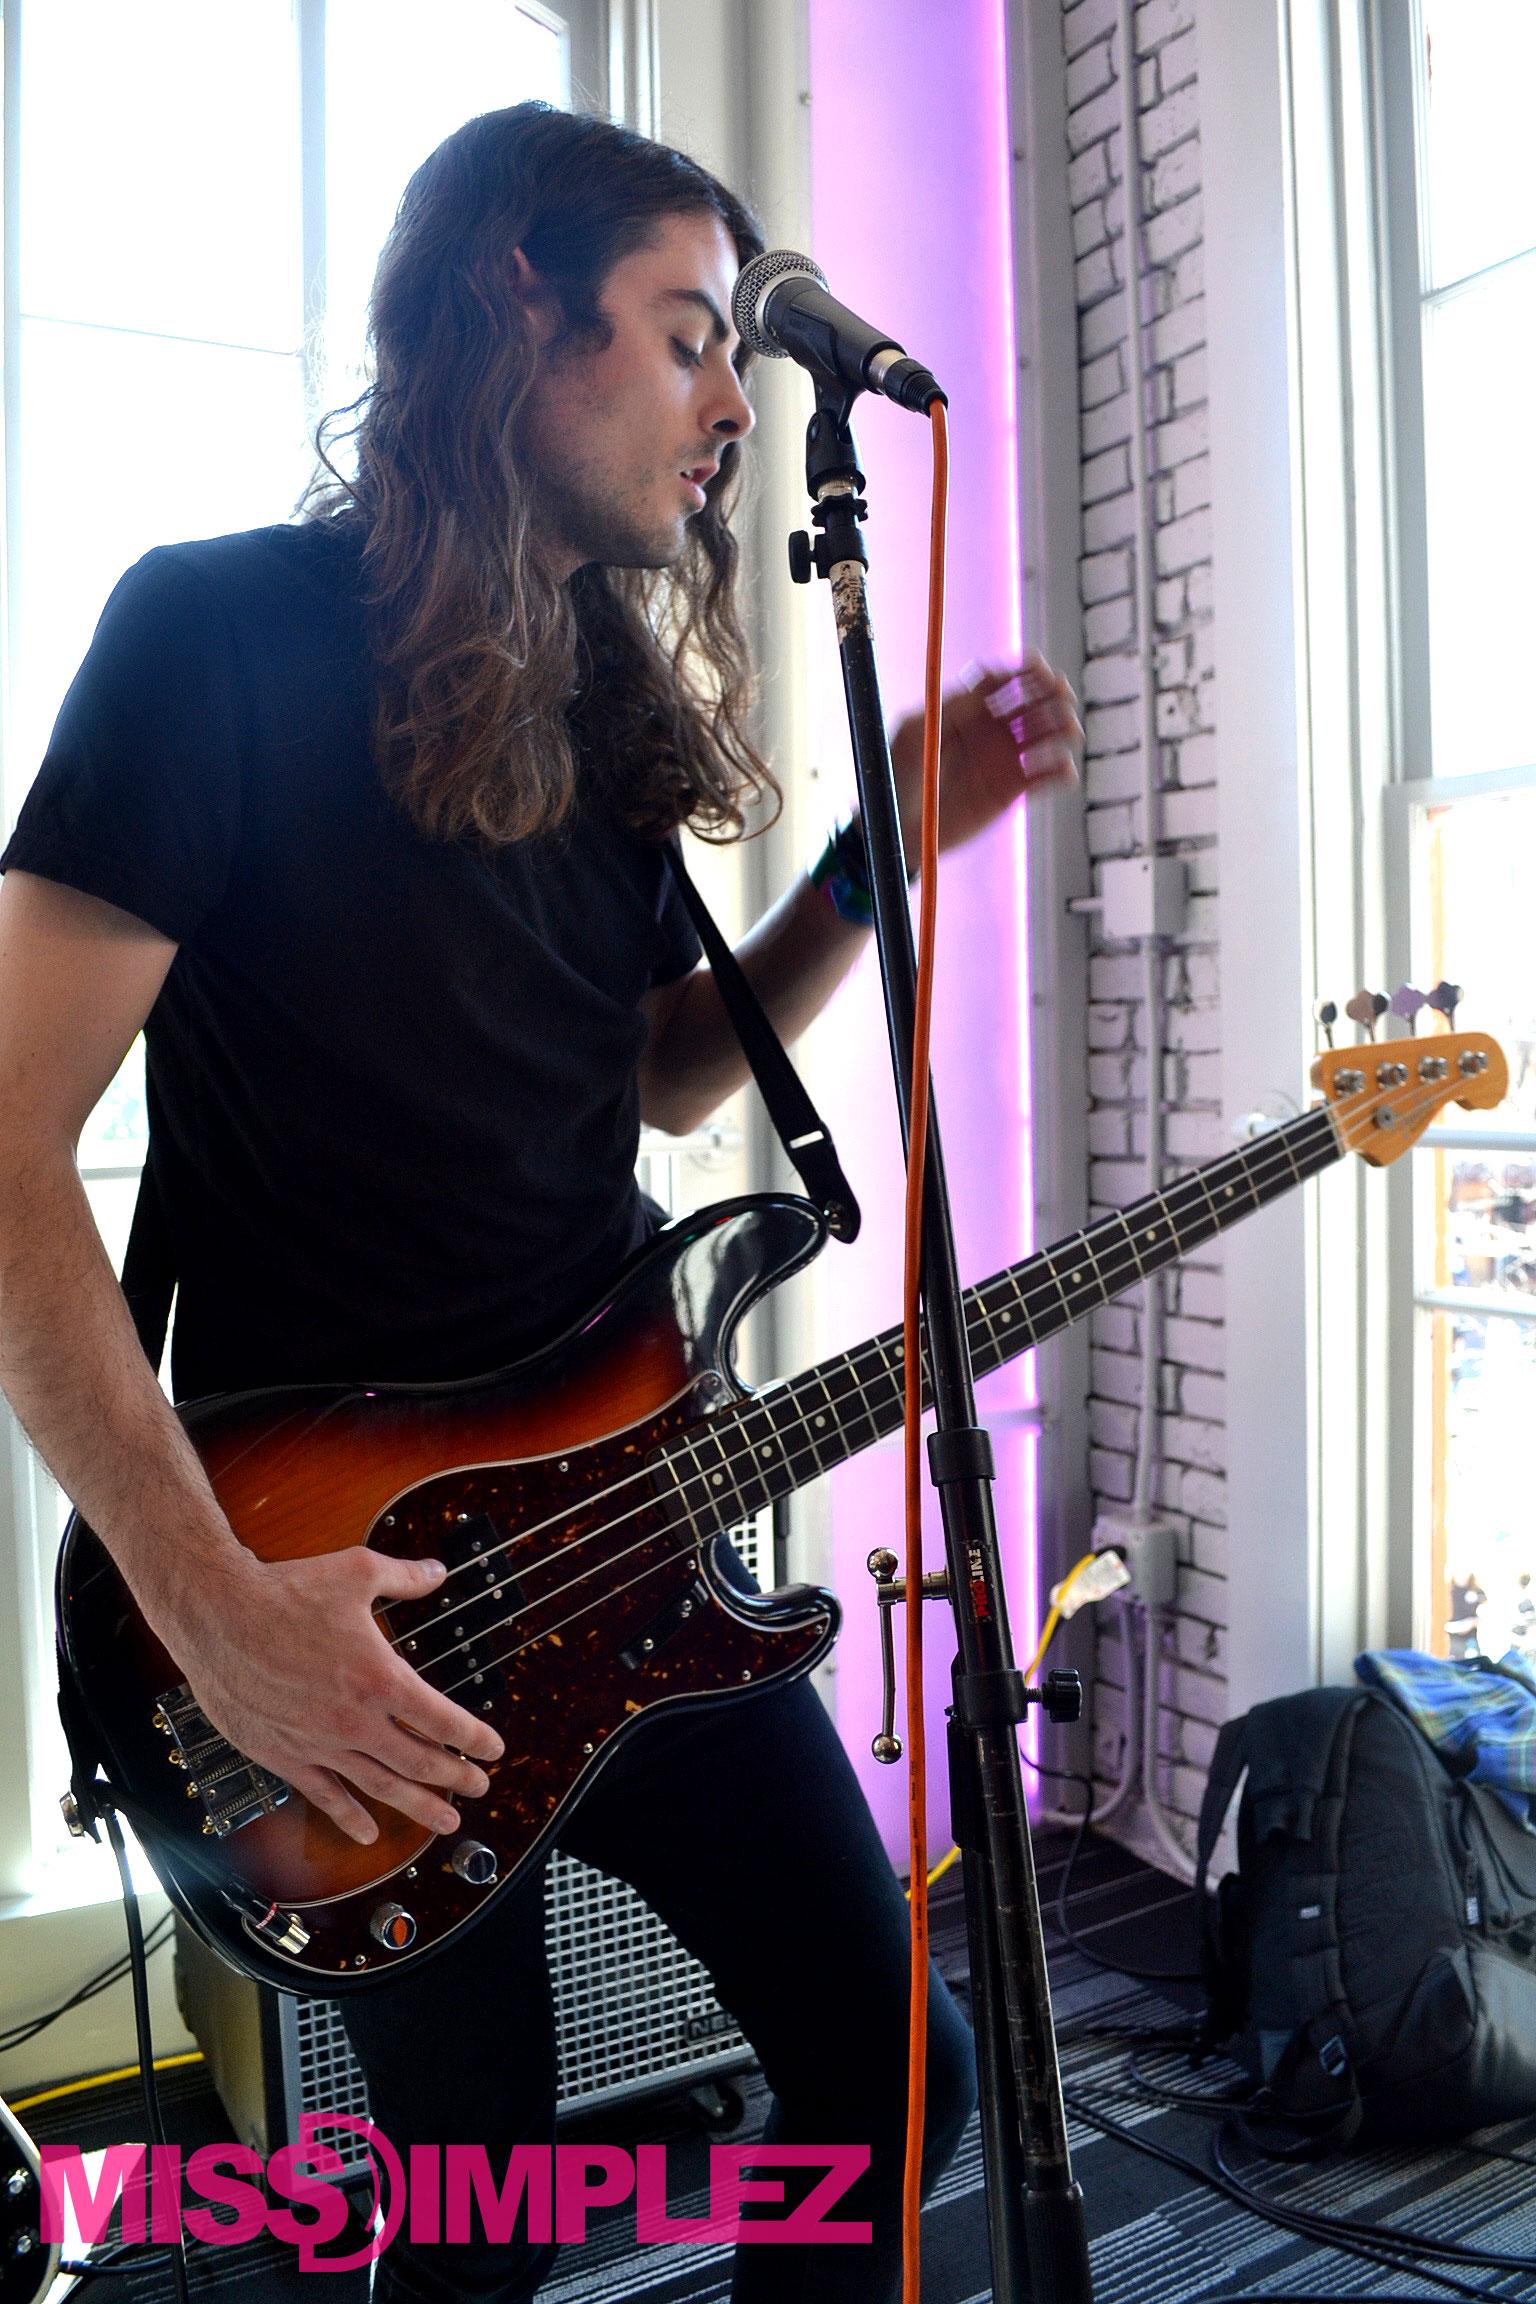 jmsn bass-sxsw-13